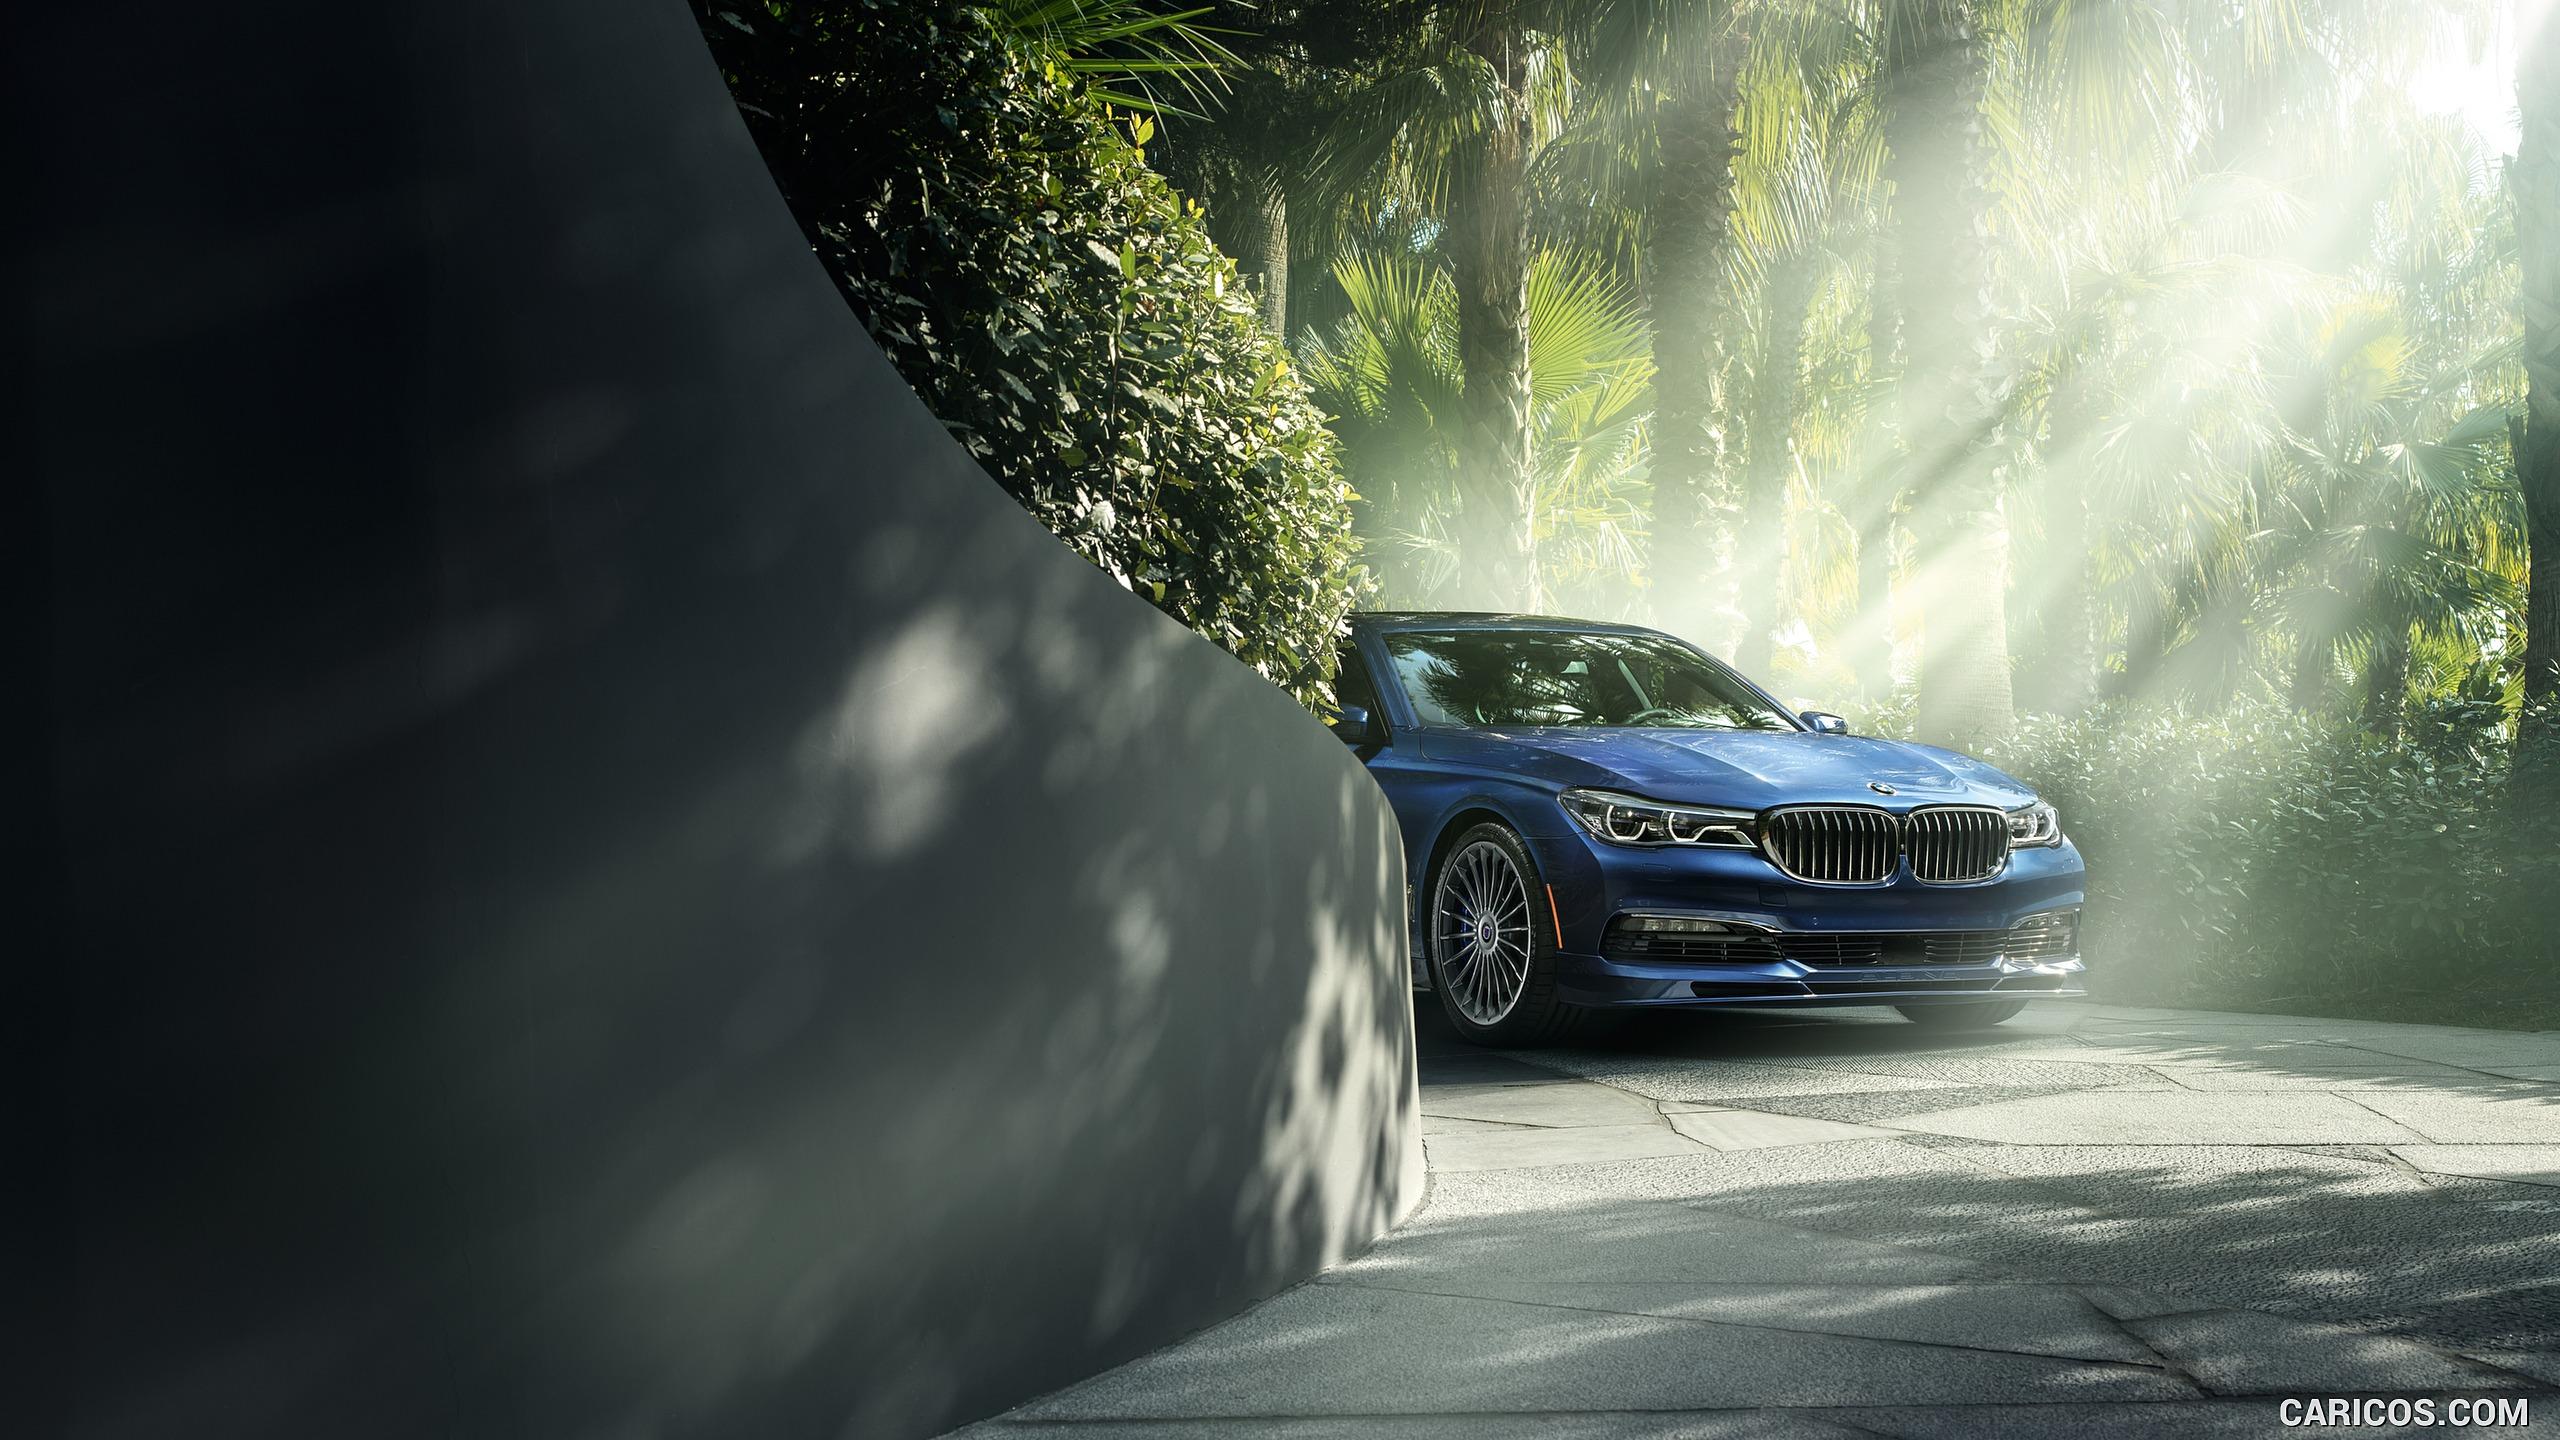 2017 ALPINA BMW B7 xDrive Blue   Front HD Wallpaper 15 2560x1440